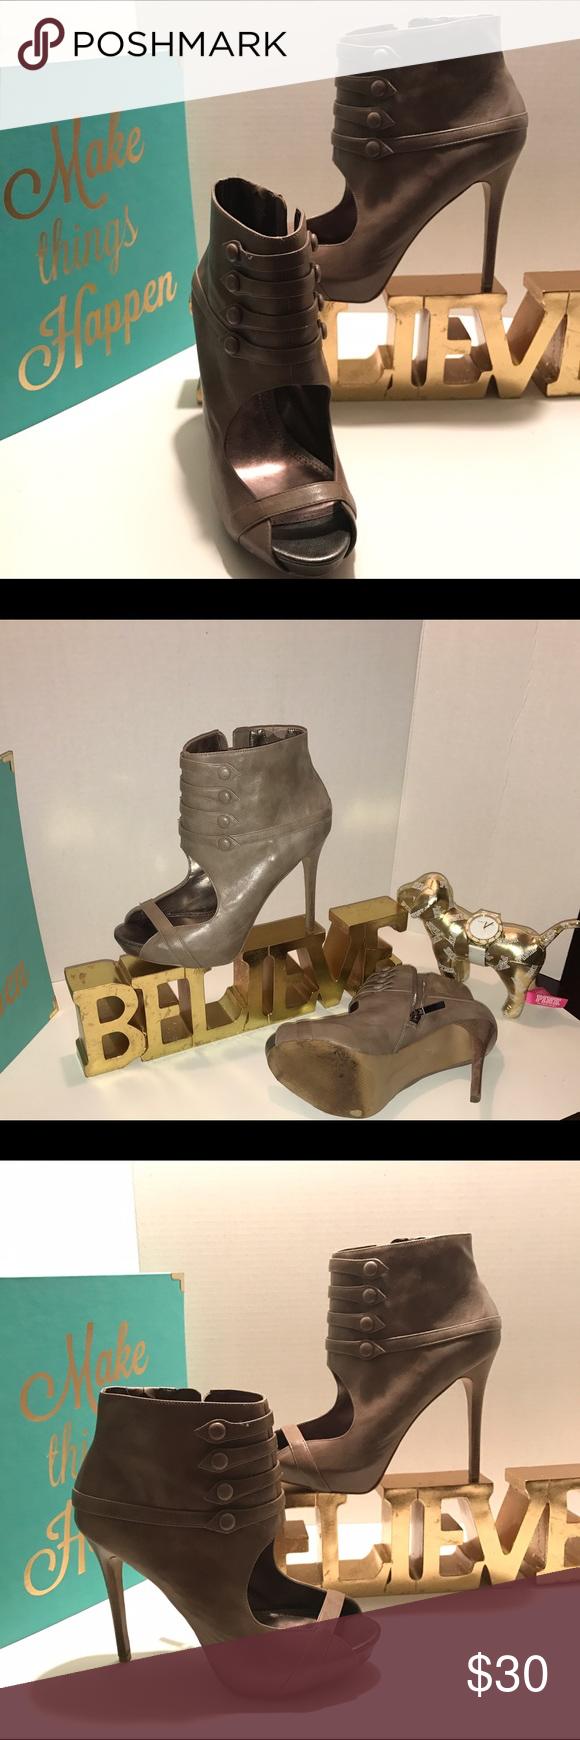 Sam Edelman Boutique Ankle Shoes Cute shoes size 8 Sam Edelman Shoes Ankle Boots & Booties